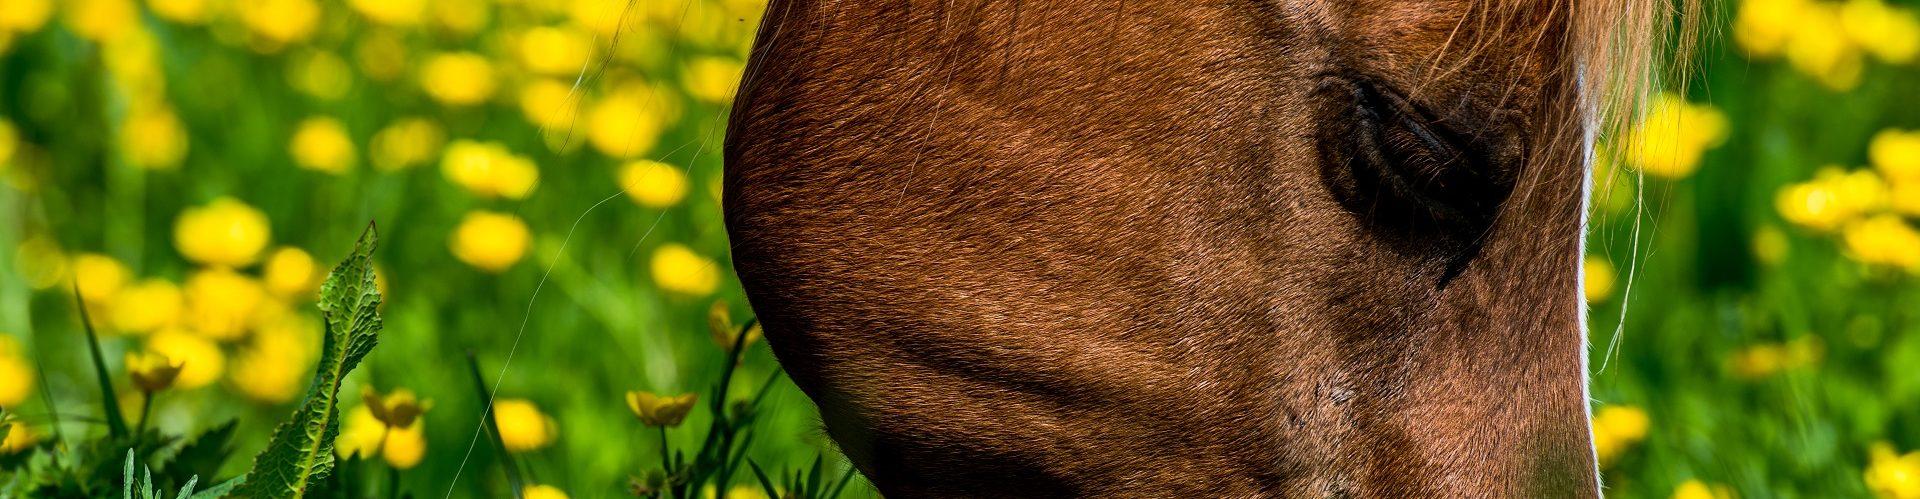 Paard_neus_bloemen_grazen